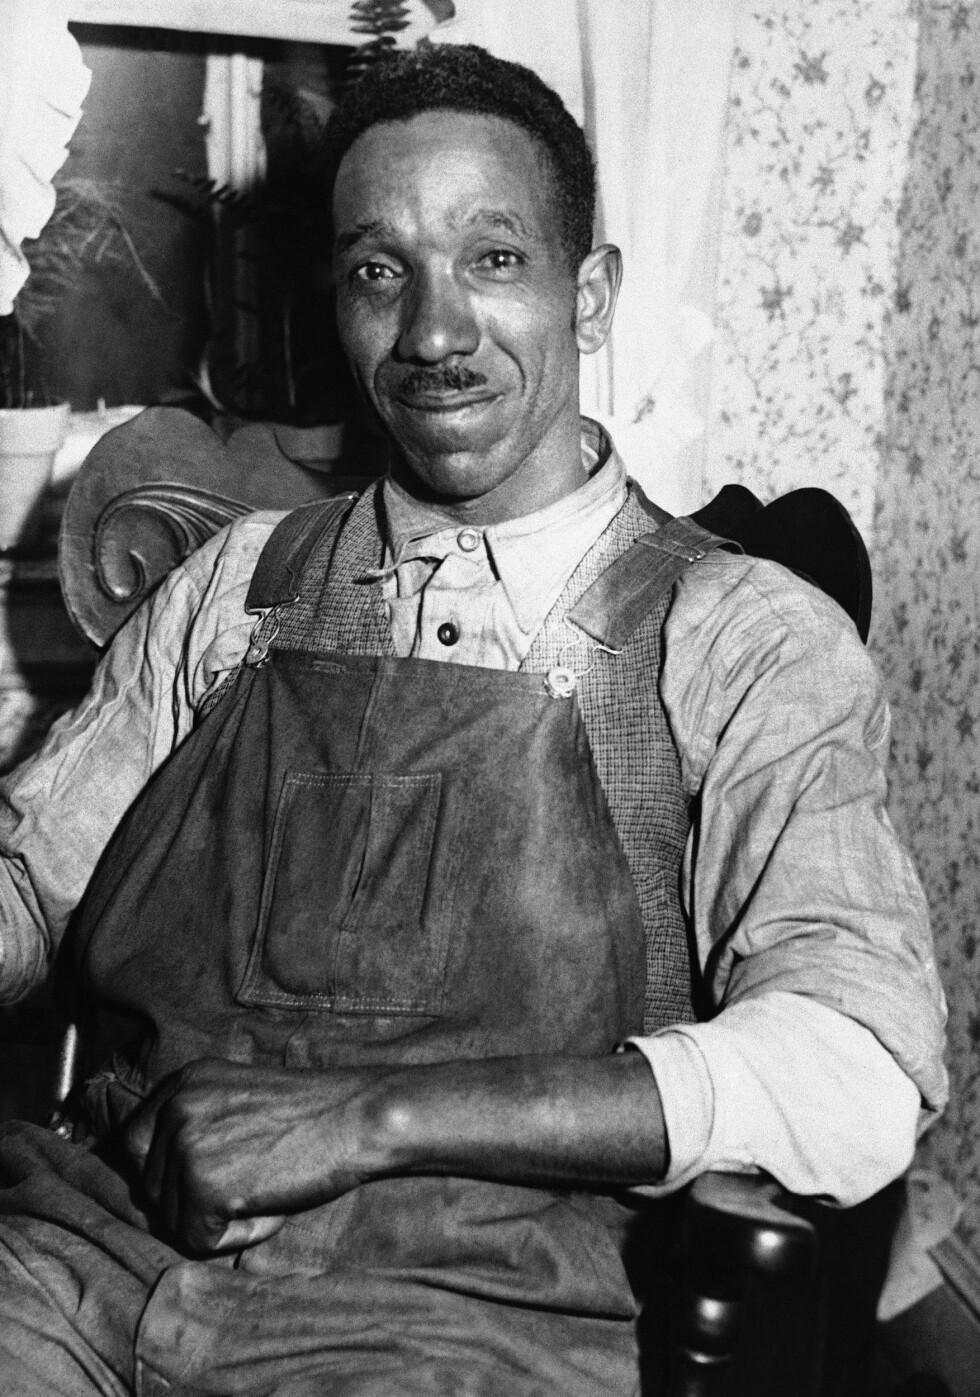 FANT BABYEN: Det var lastebilsjåfør William Allen som fant liket av den 20 måneder gamle babyen 12. mai 1932. Babyen ble funnet ved Mount Rose, New Jersey. Foto: NTB Scanpix